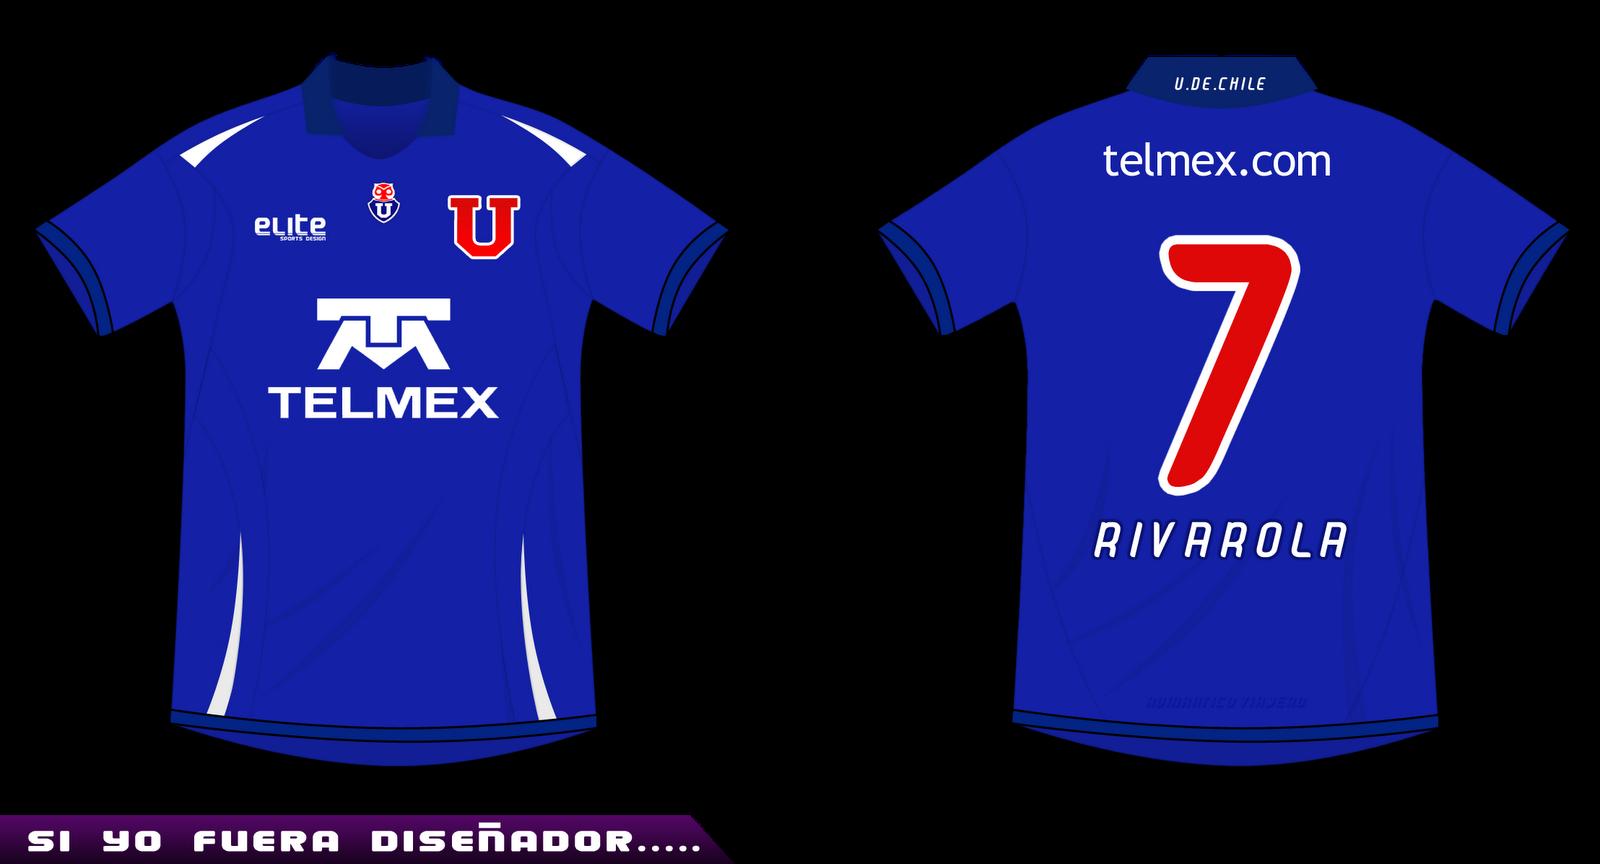 Camisetas de futbol 2015/2016, Botas de fútbol 2015/2016